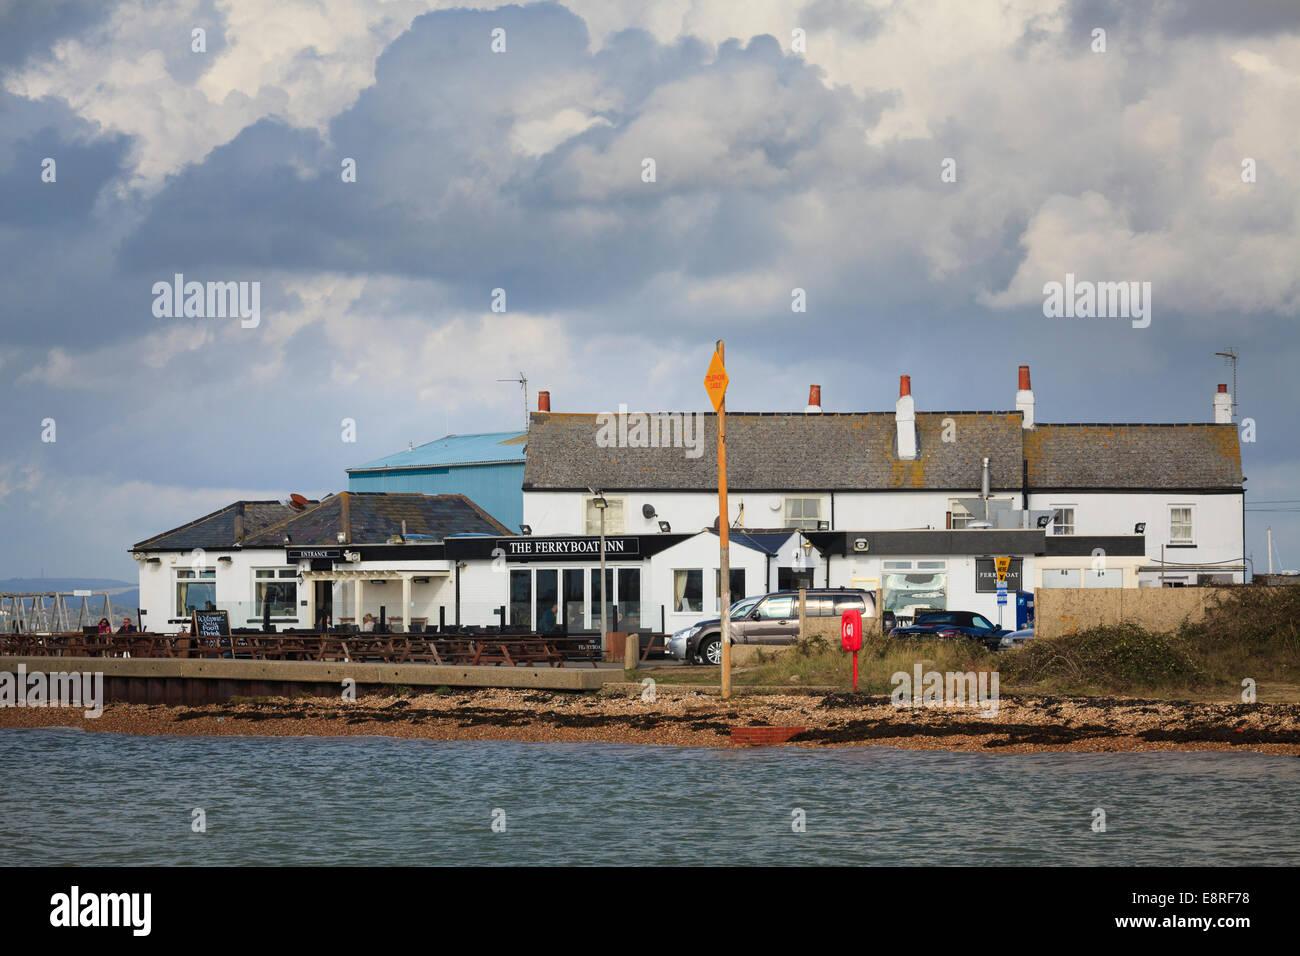 Ferryboat Inn Hayling Island Menu